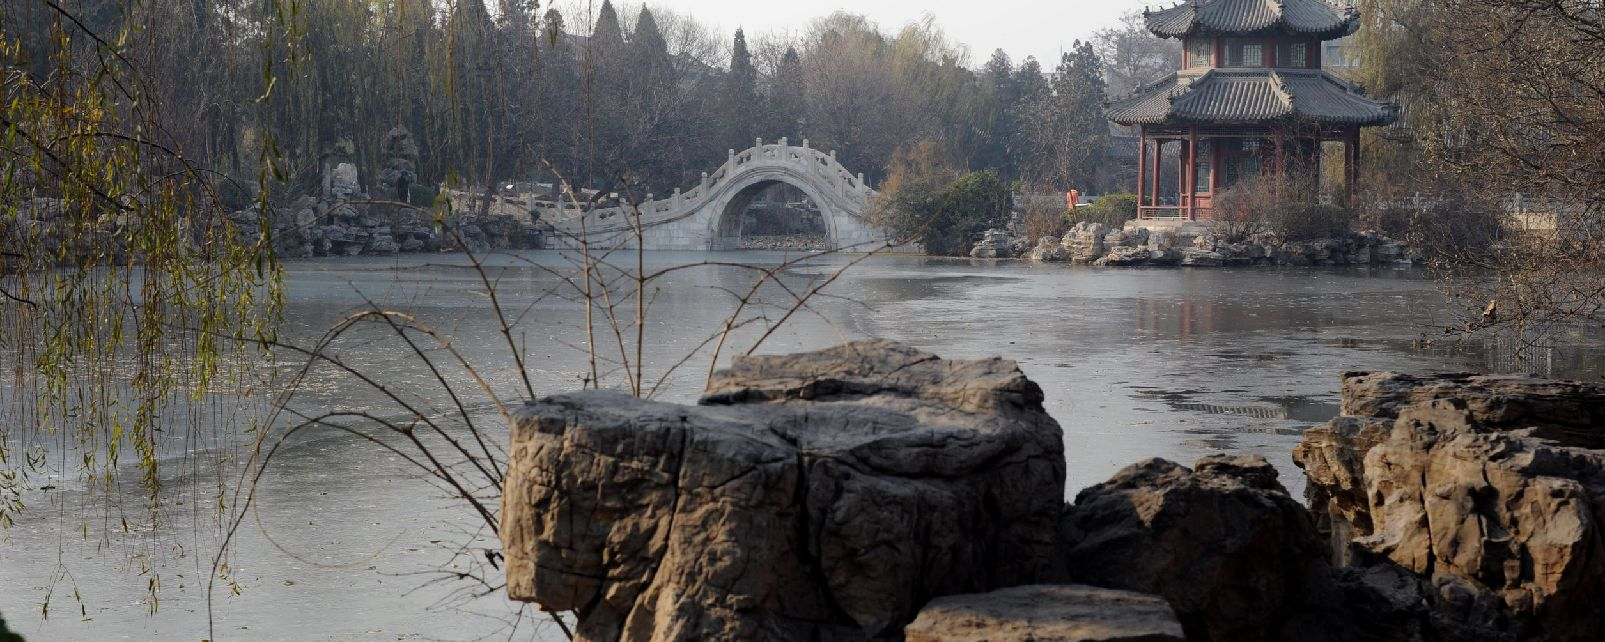 Baoding , China